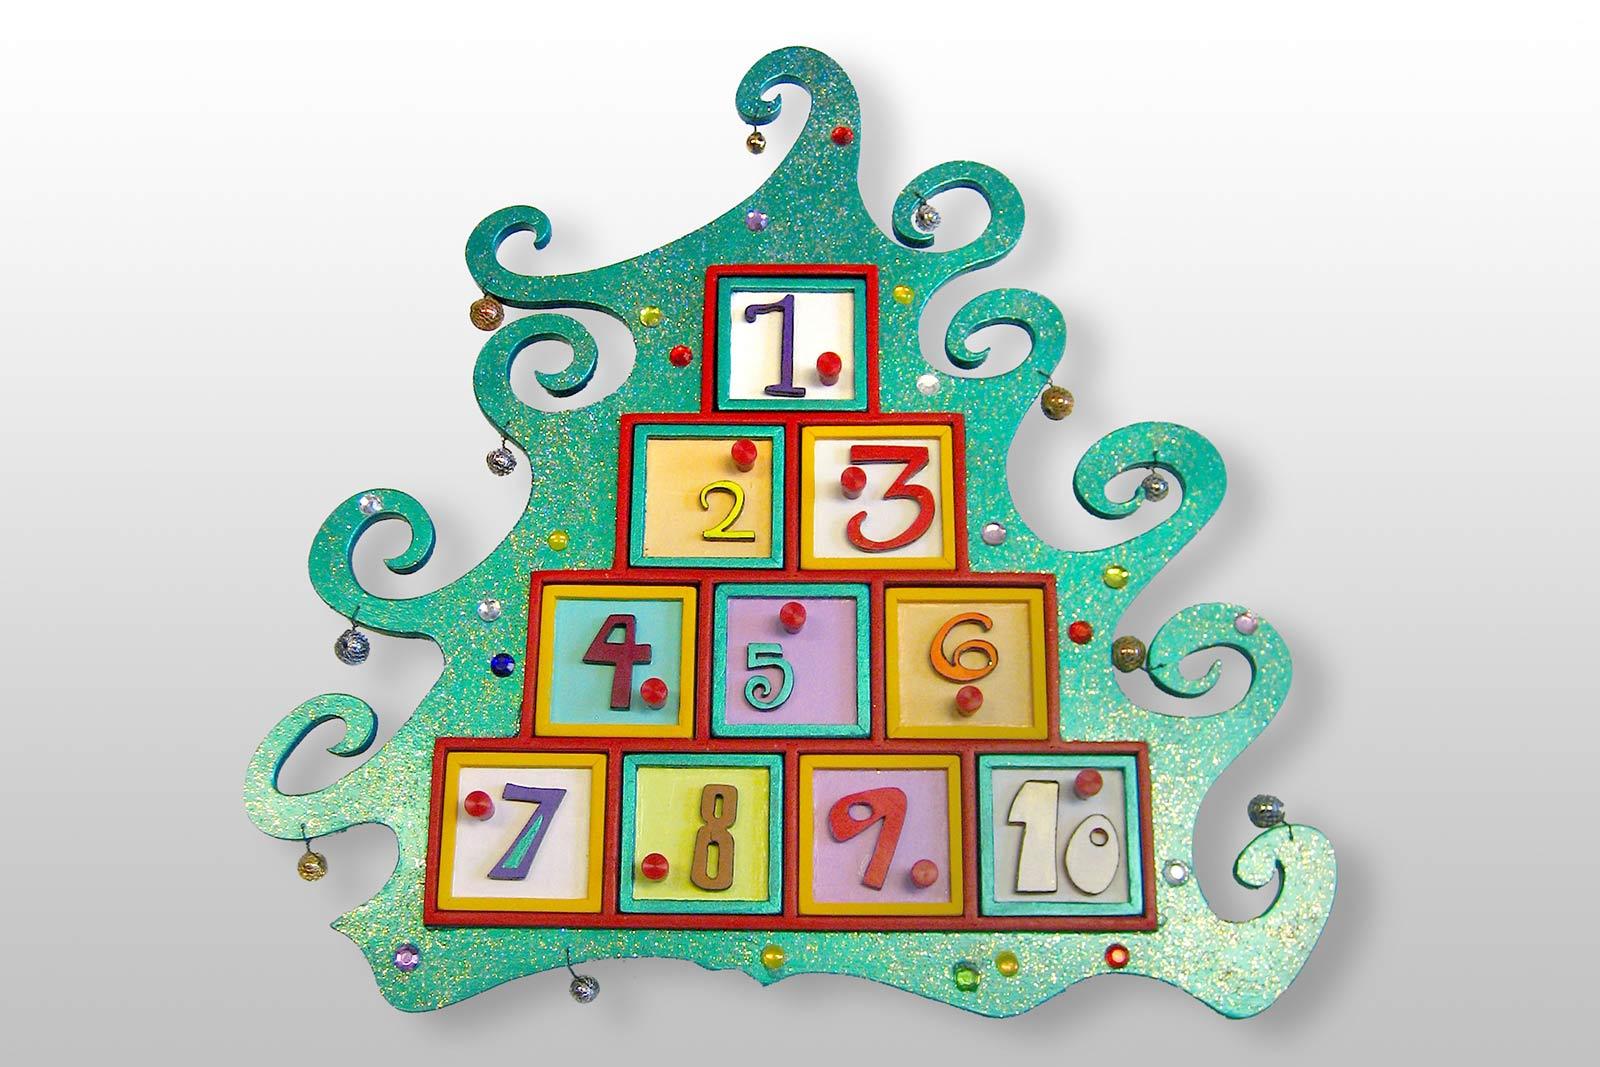 Elmos Christmas Countdown.Family Entertainment Portfolio Selections David Gallo Design